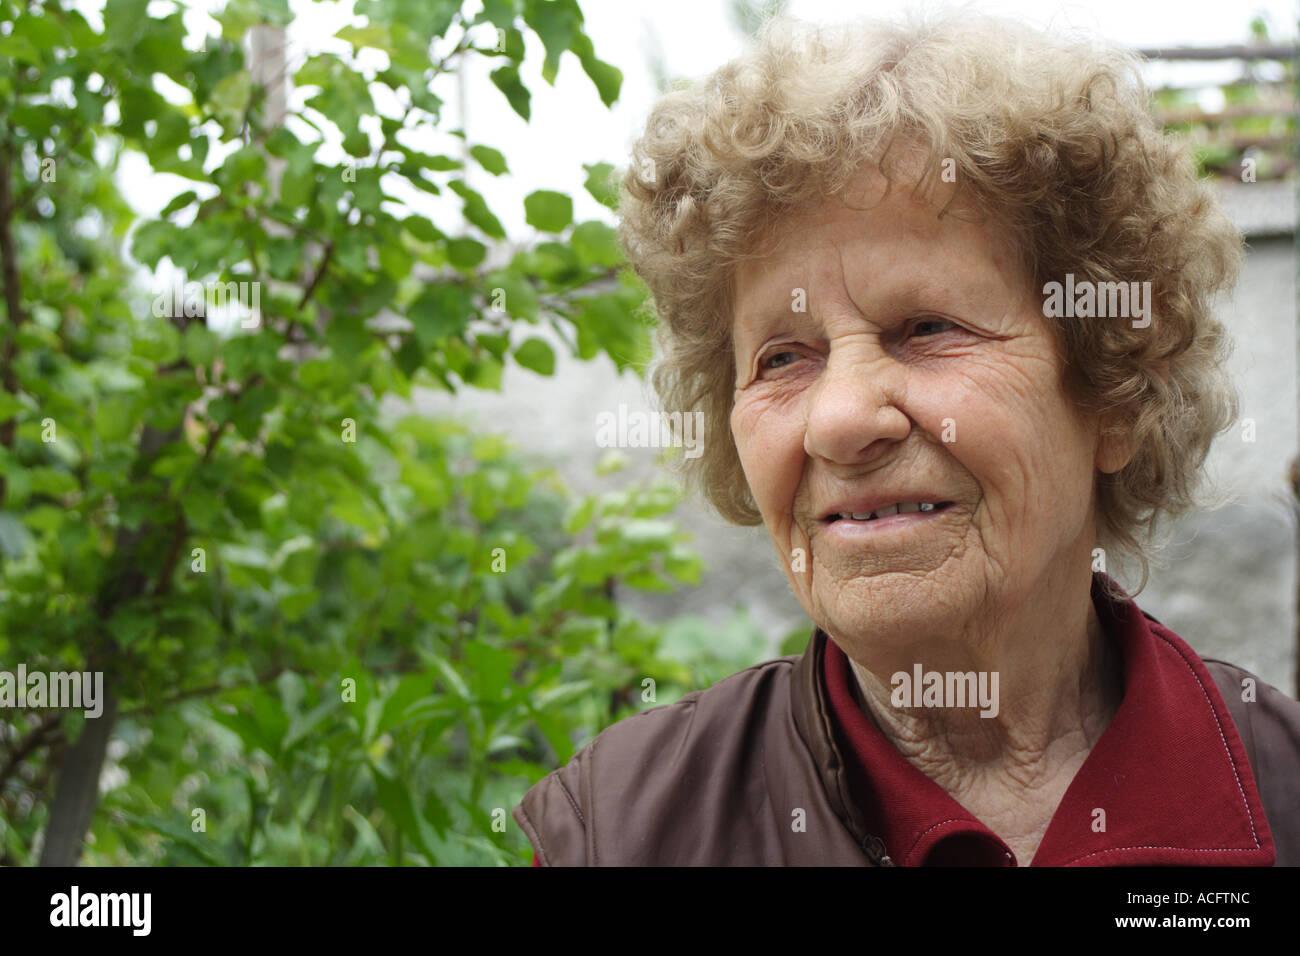 Portret della vecchia donna. Immagini Stock